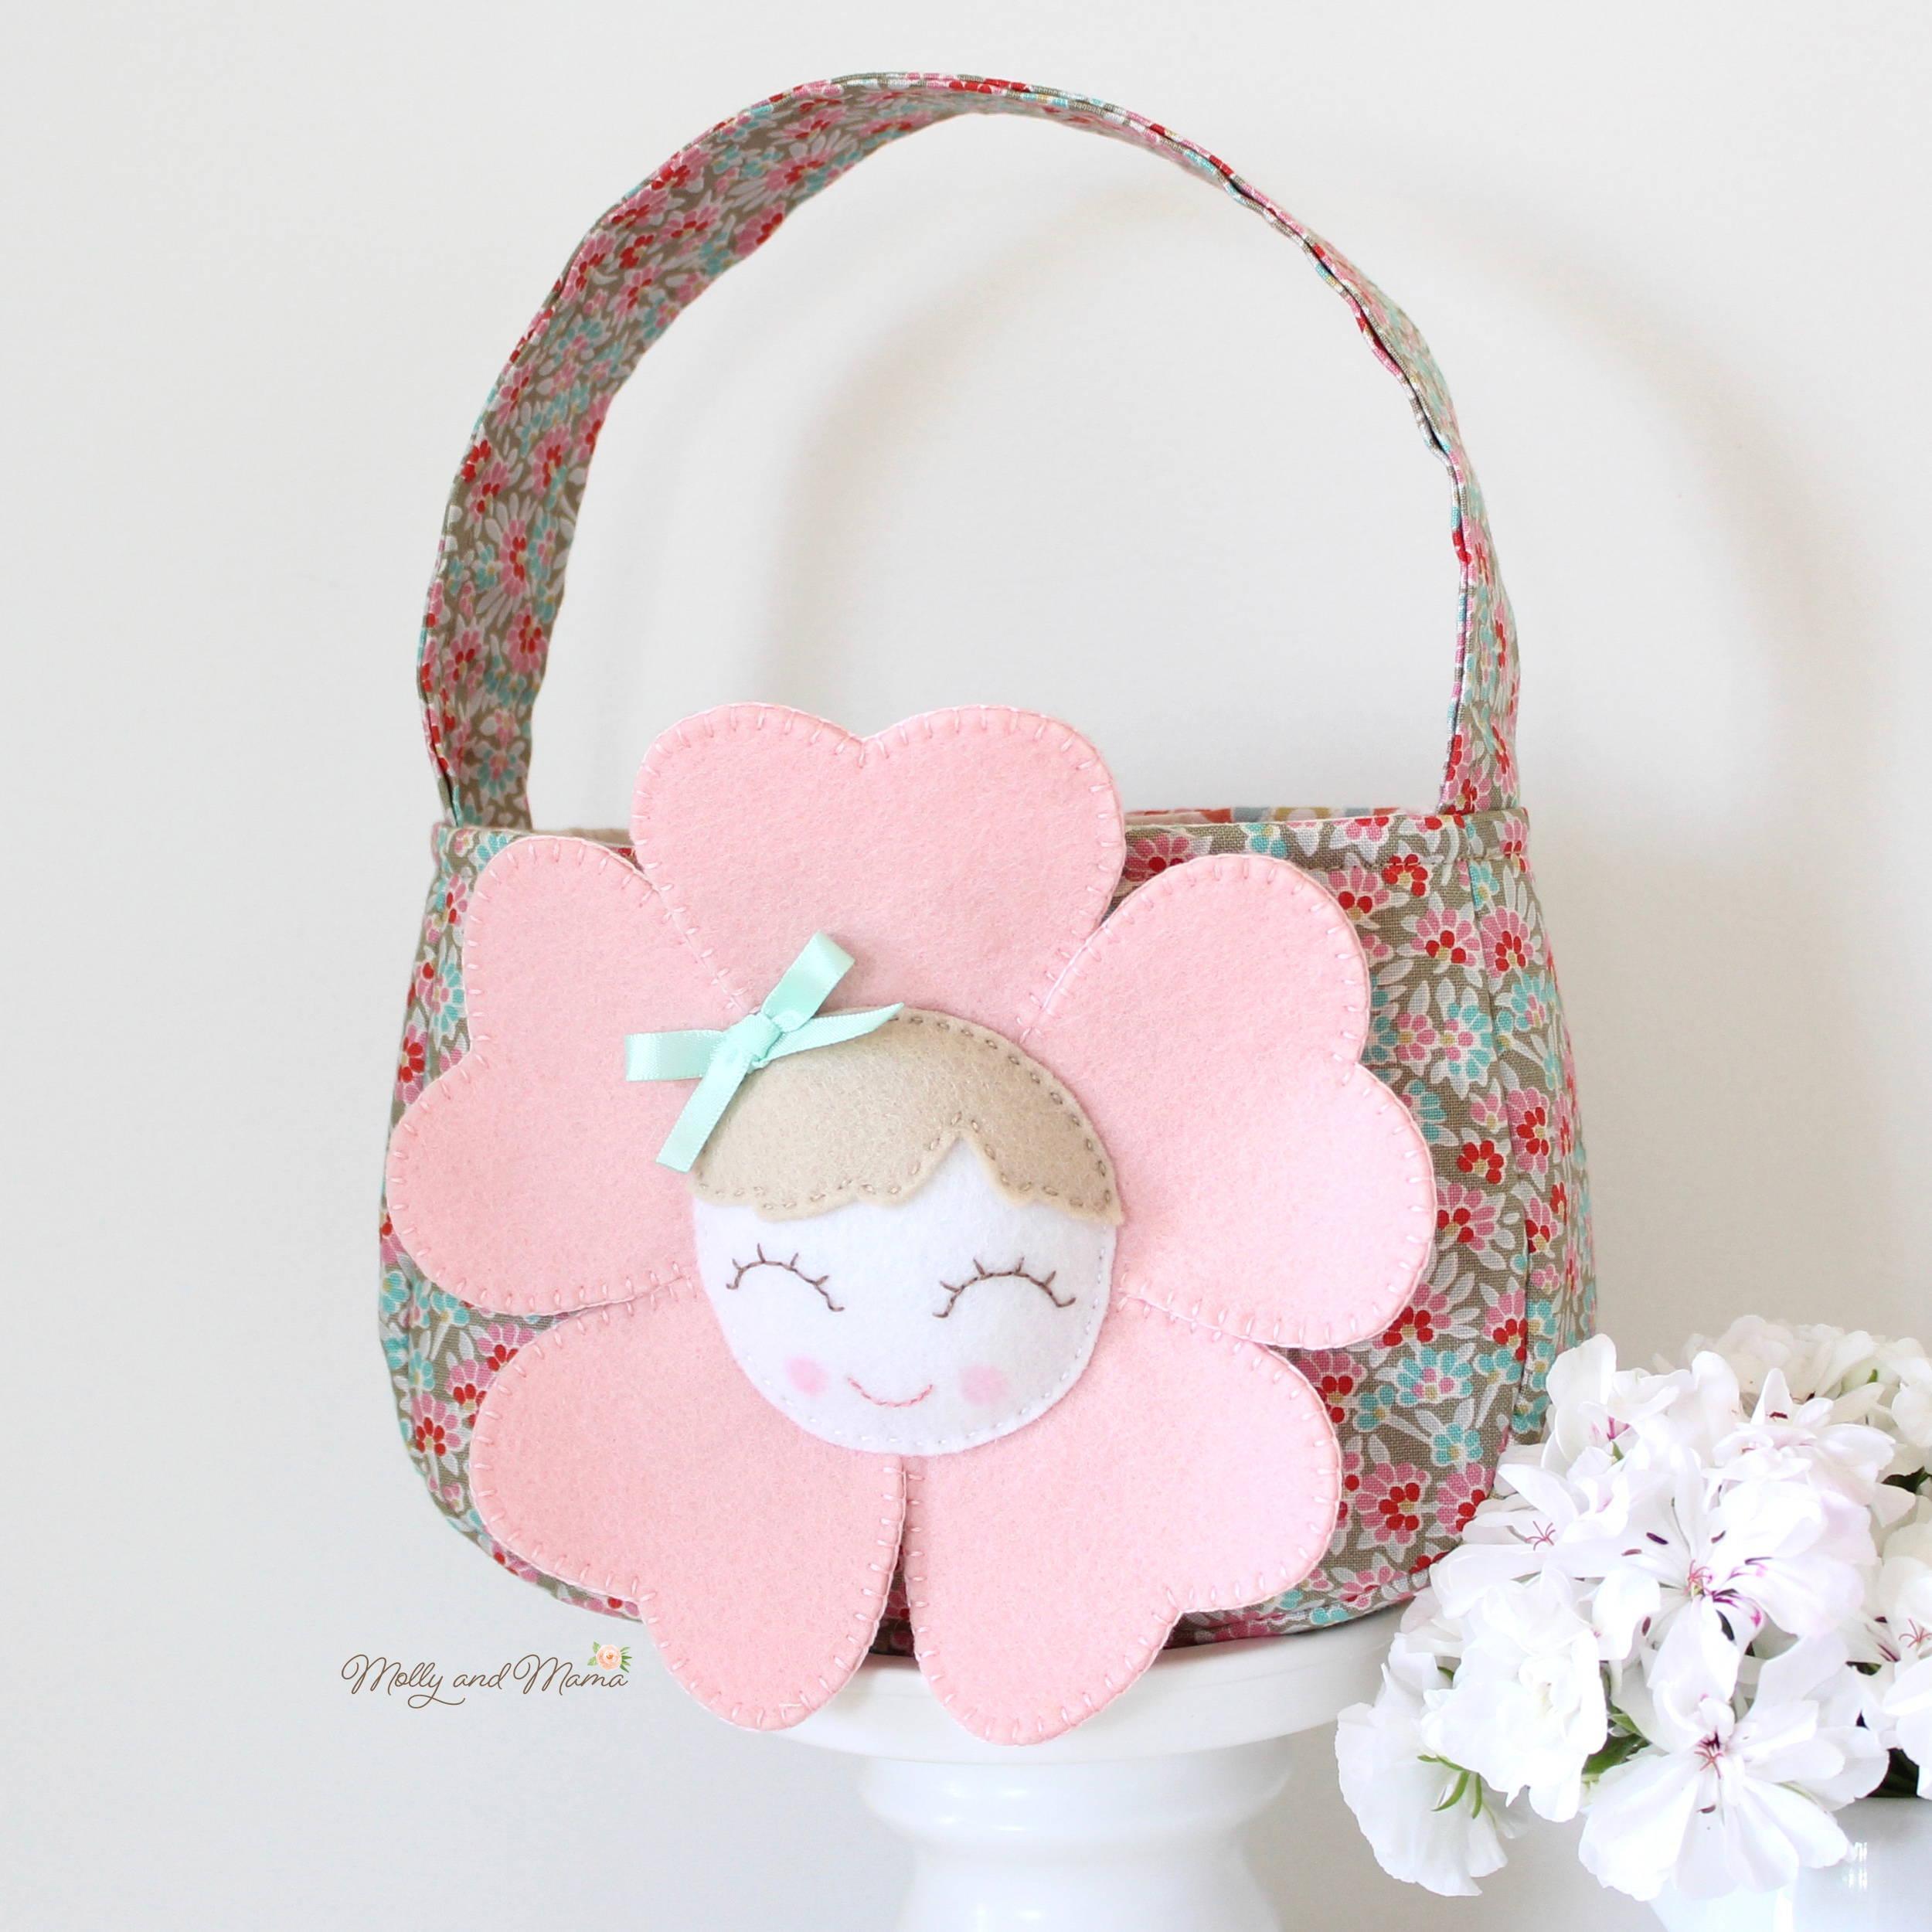 Molly and Mama - Love Australian Handmade